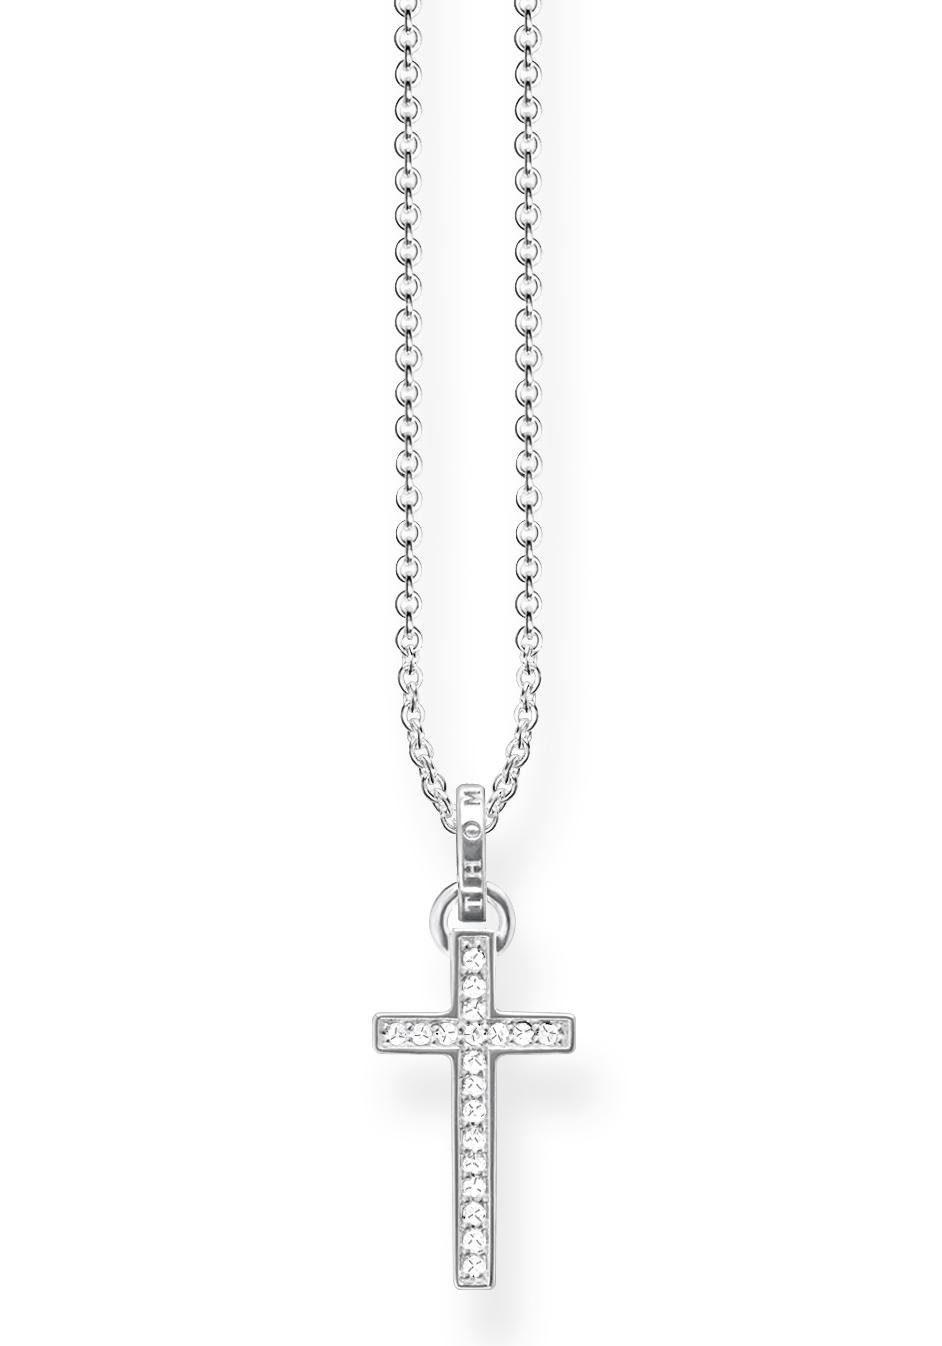 THOMAS SABO Kette mit Anhänger »Kreuz, KE1653-051-14-L45v« mit Zirkonia